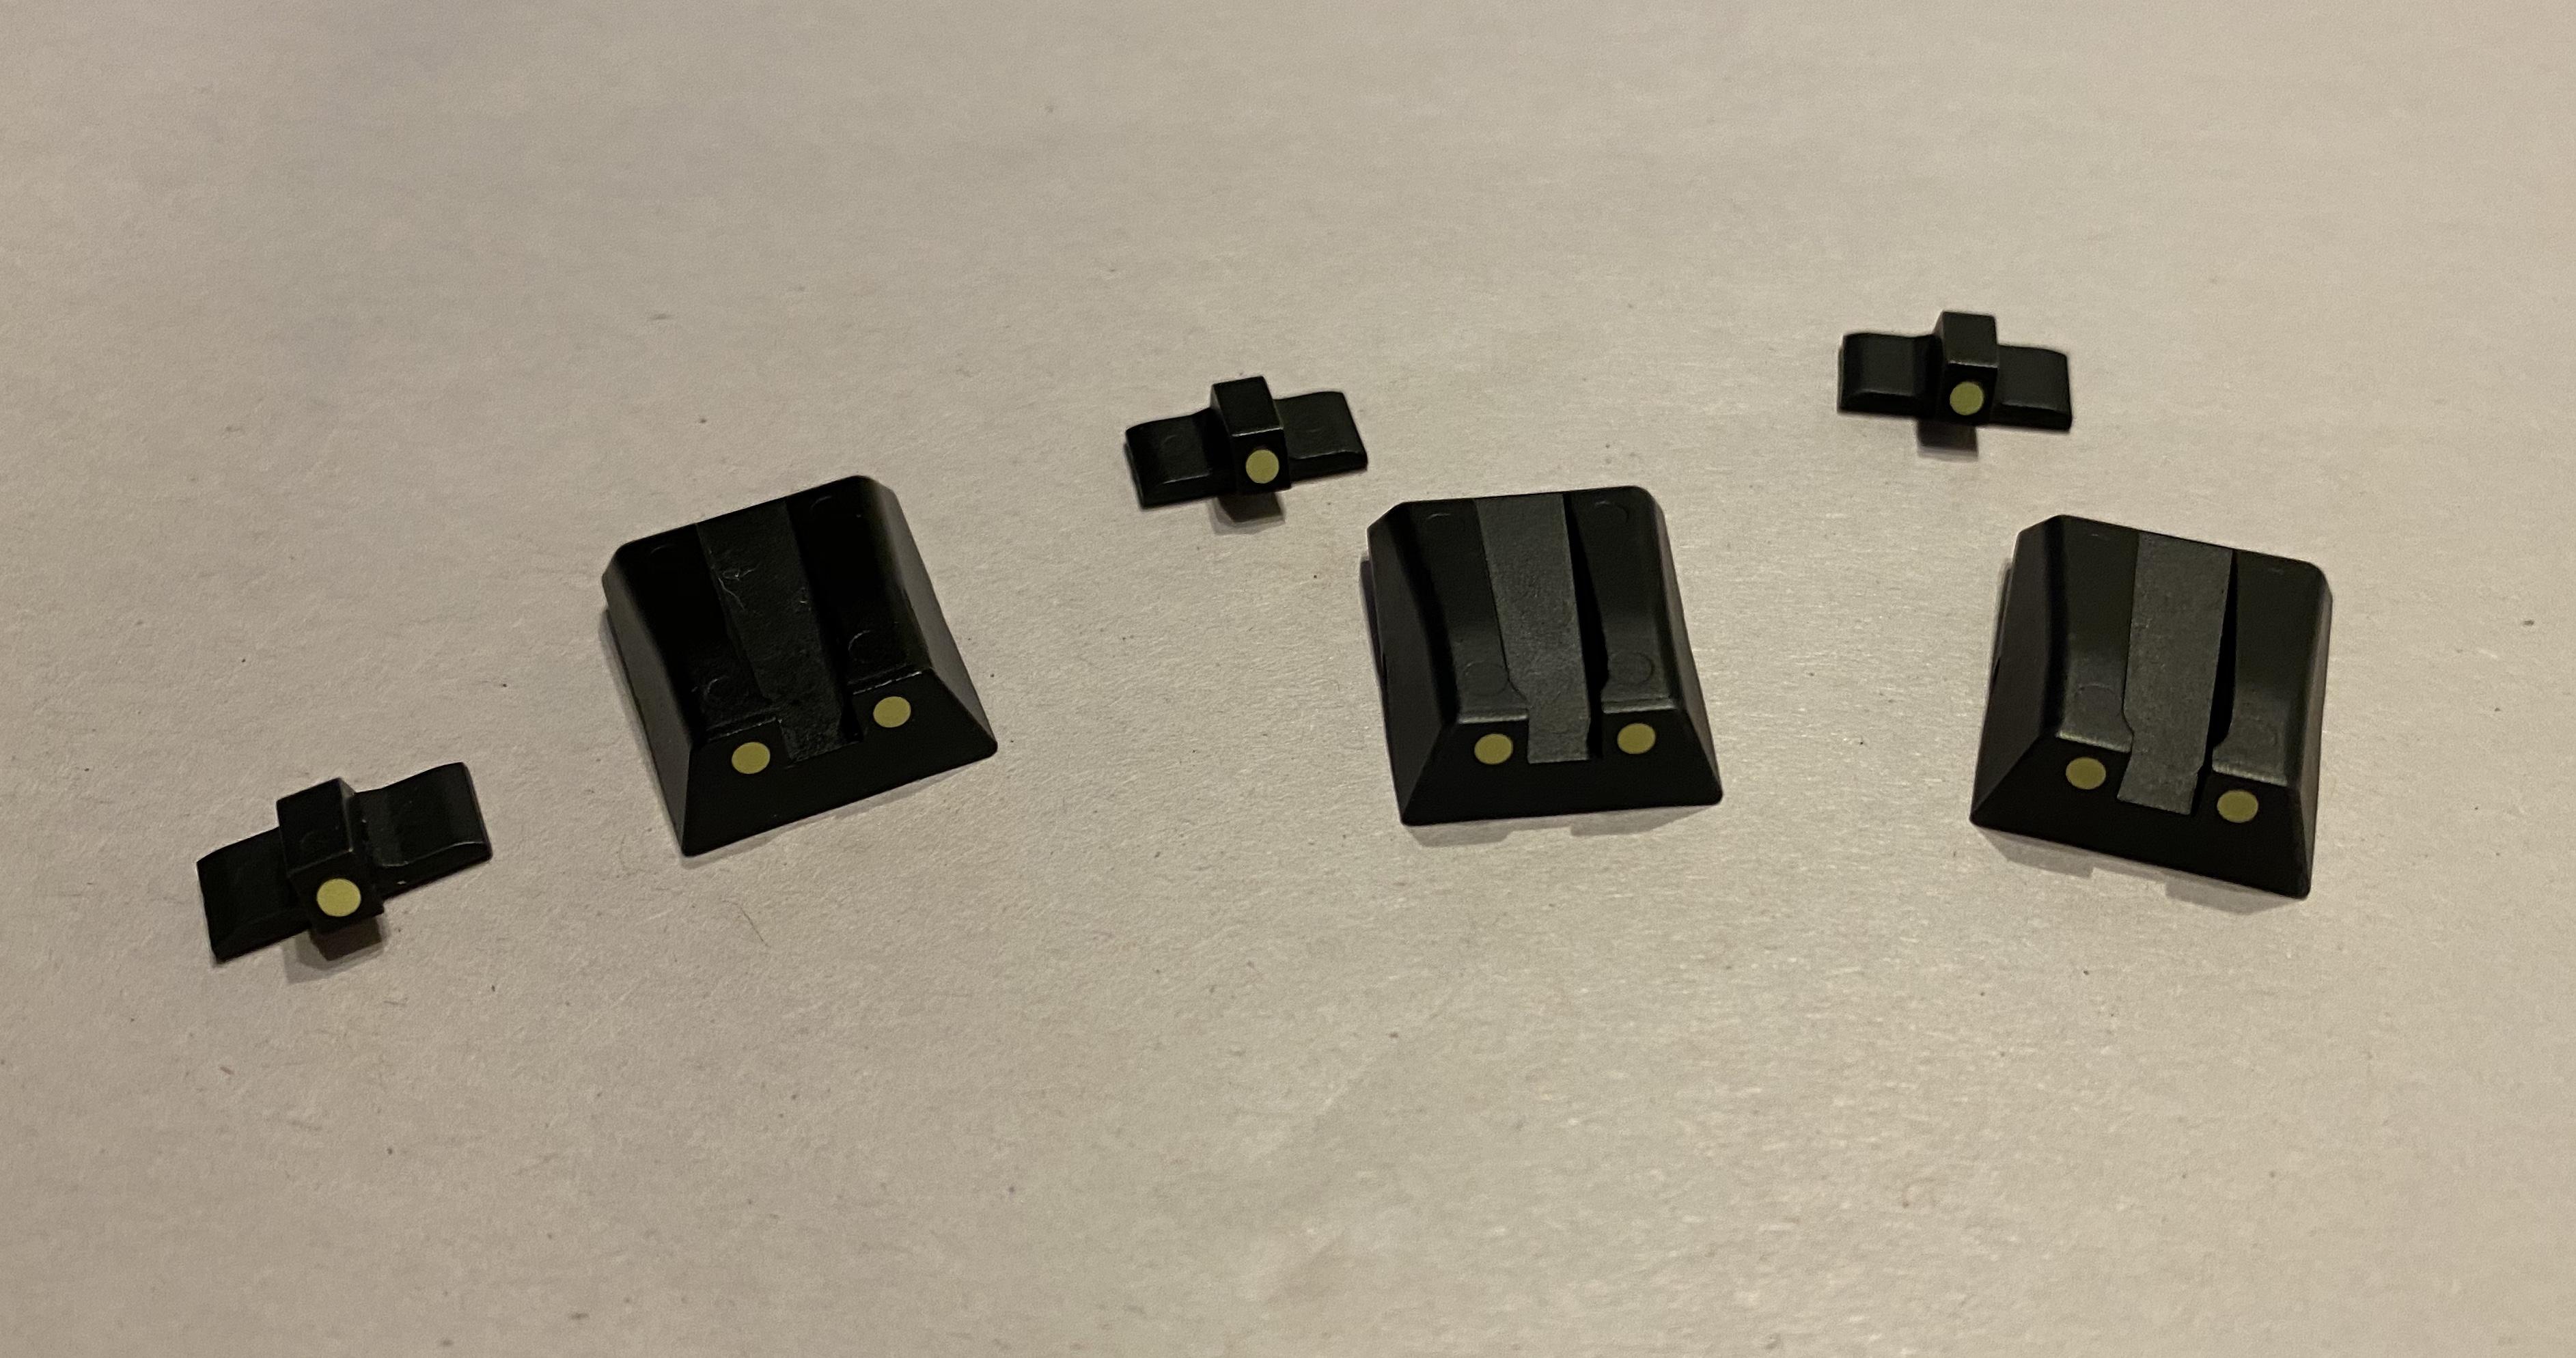 WTS: Parts list-G36E/K handguards, sight rails, G28 FH, MR556/416 stock/grip, VP9/P30-cdf27f40-e972-4a8b-a8d9-a4db02da42aa.jpeg